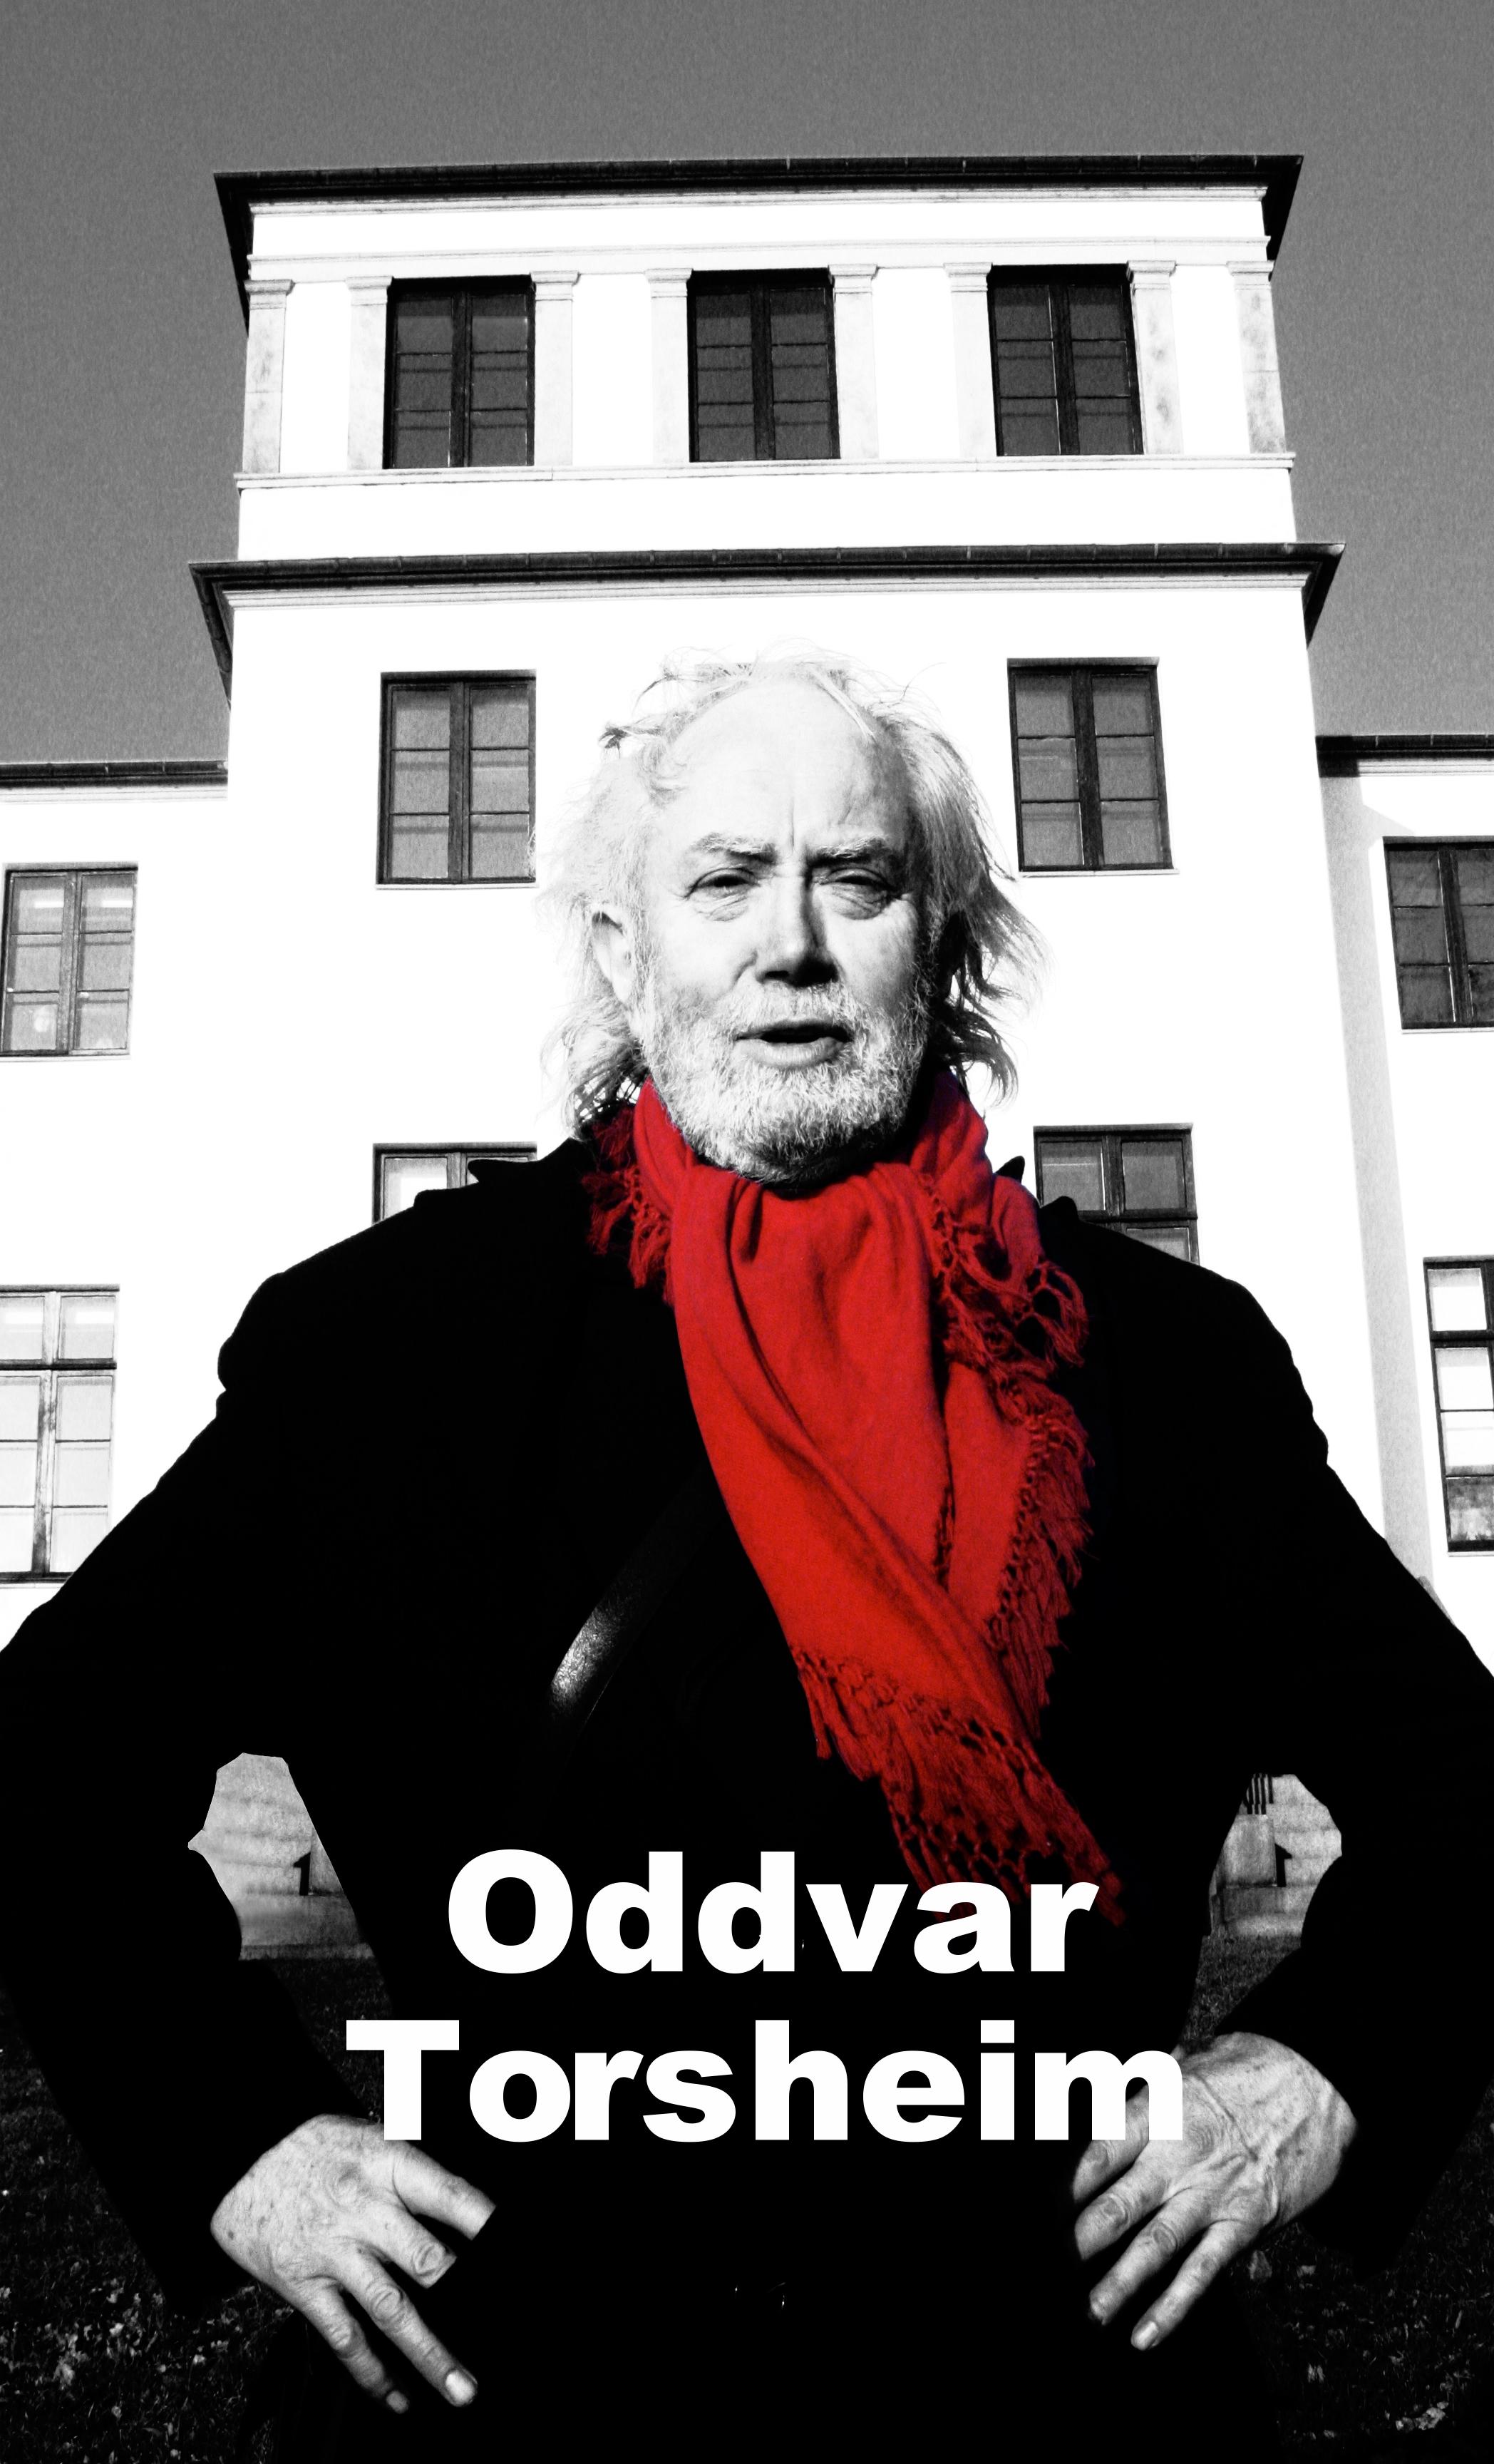 oddvar_torsheim_c_paal_braatel.jpg